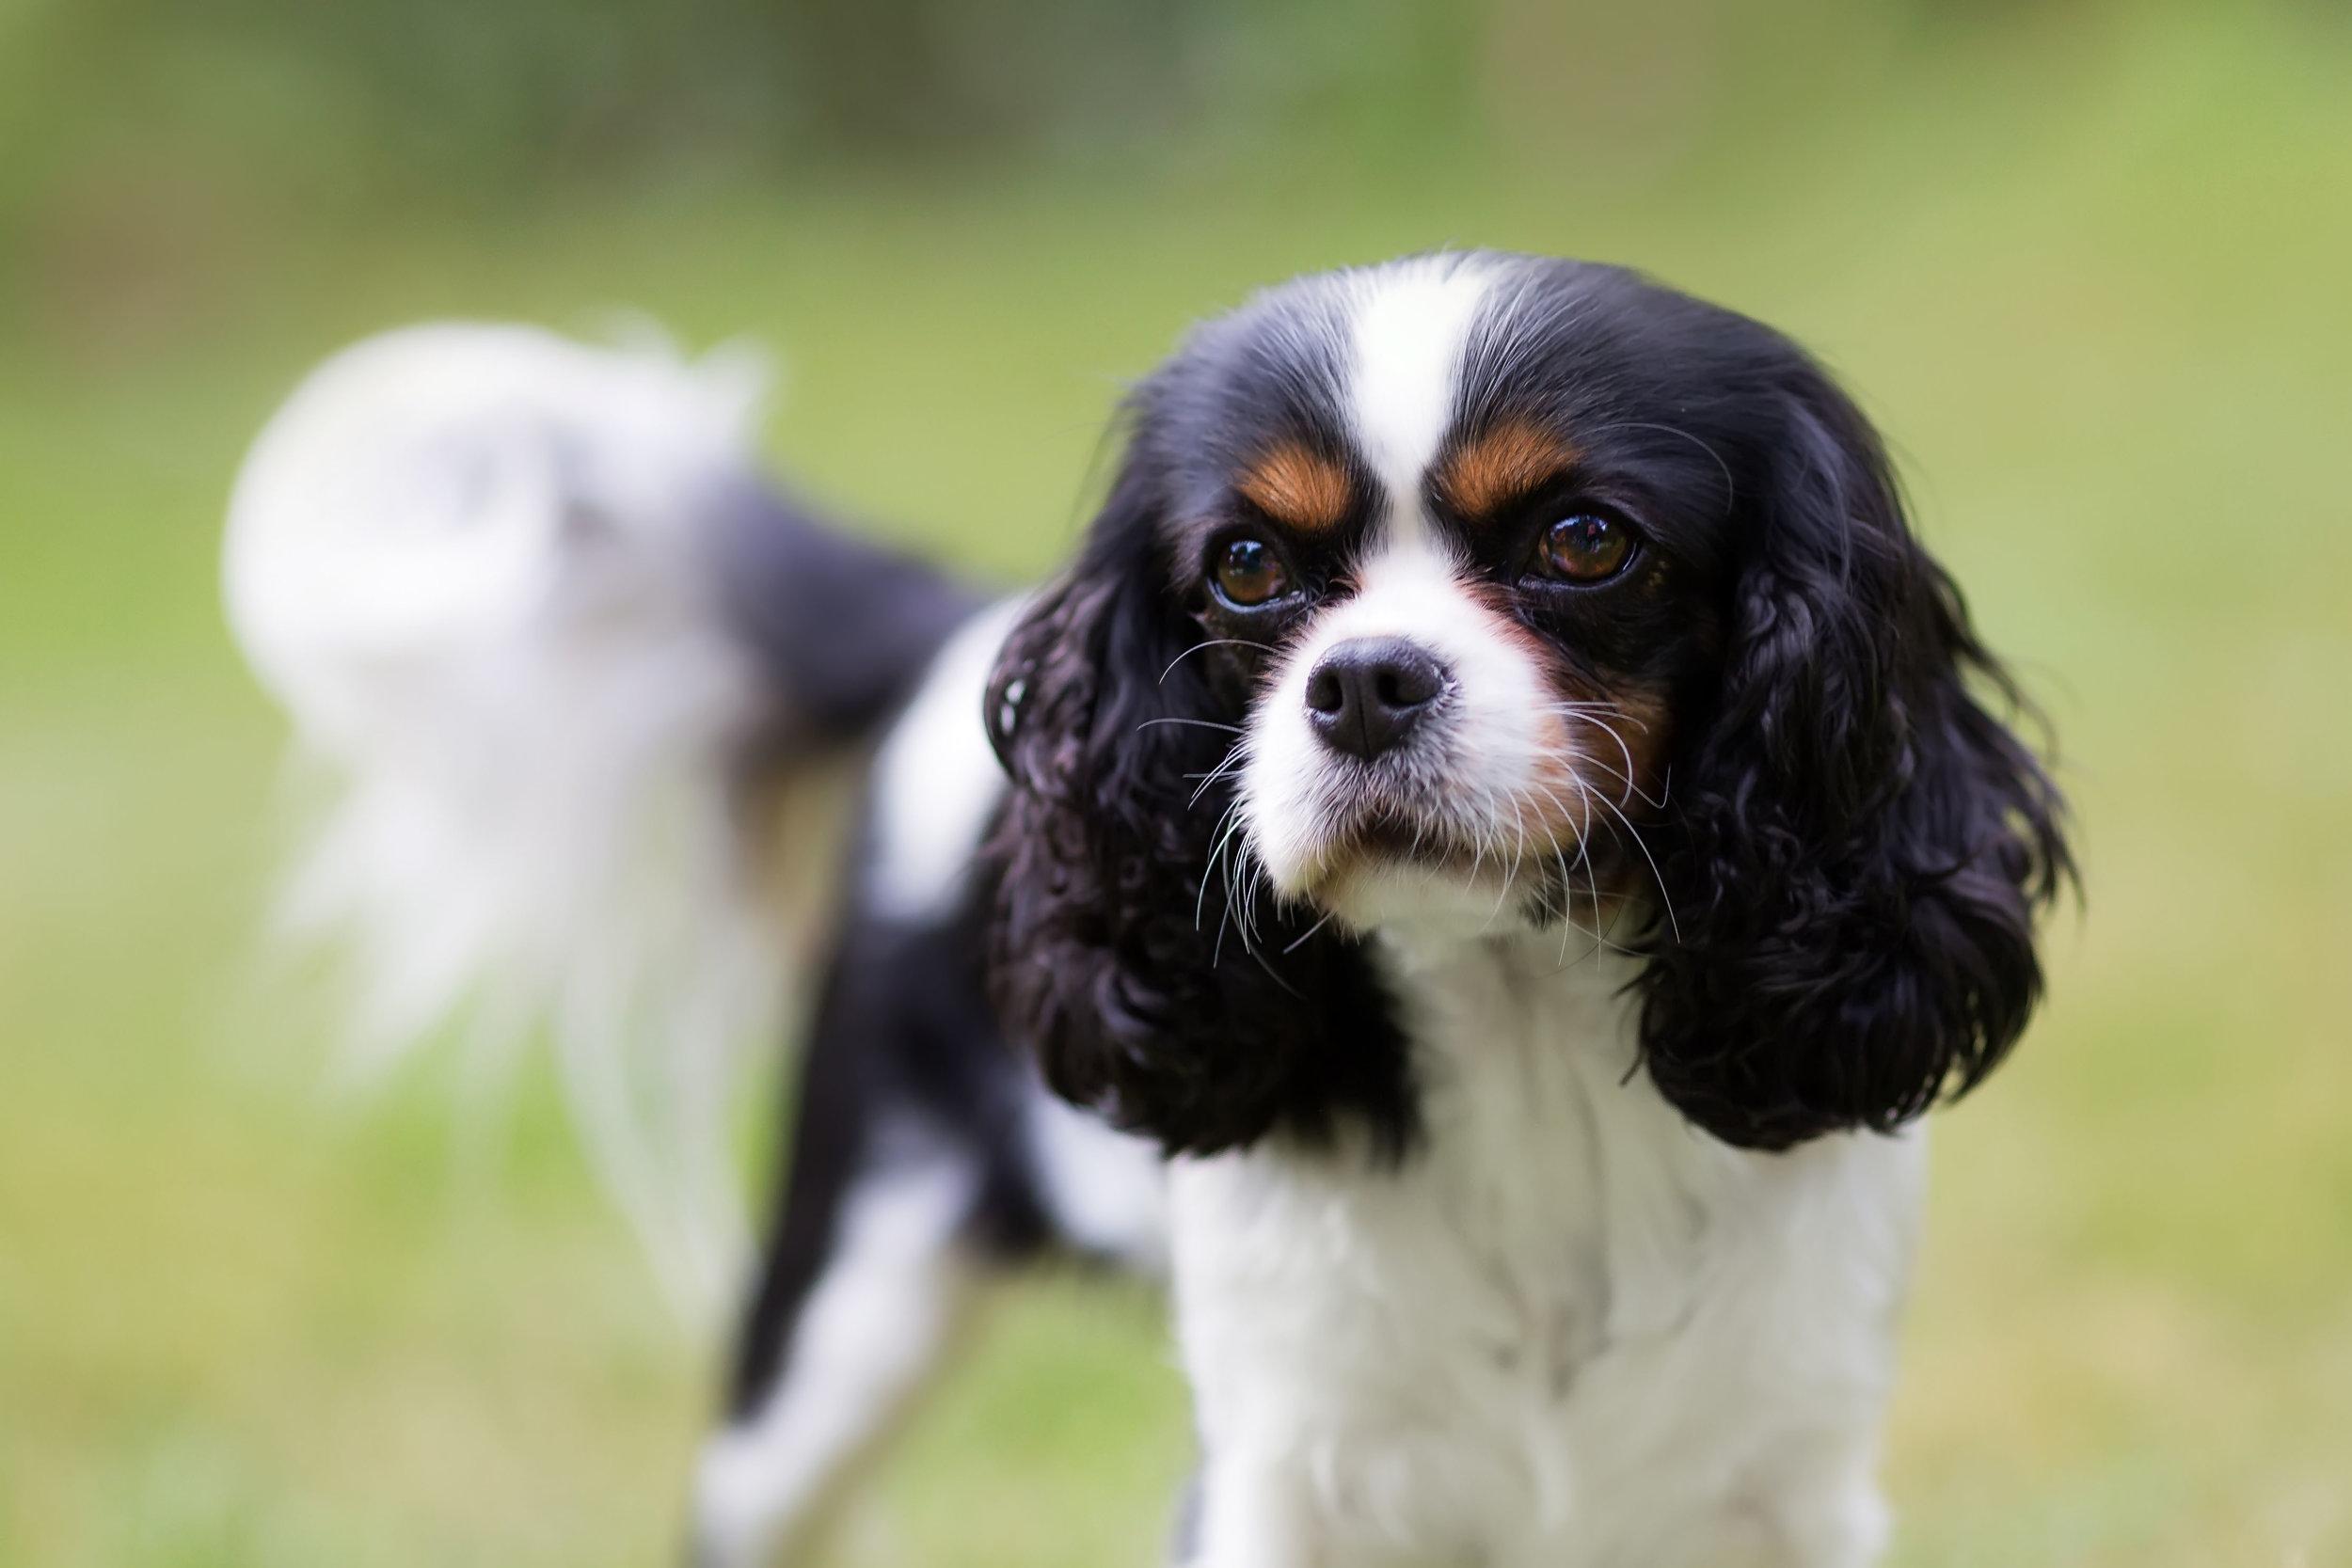 dog-portrait-P3QT56C.jpg